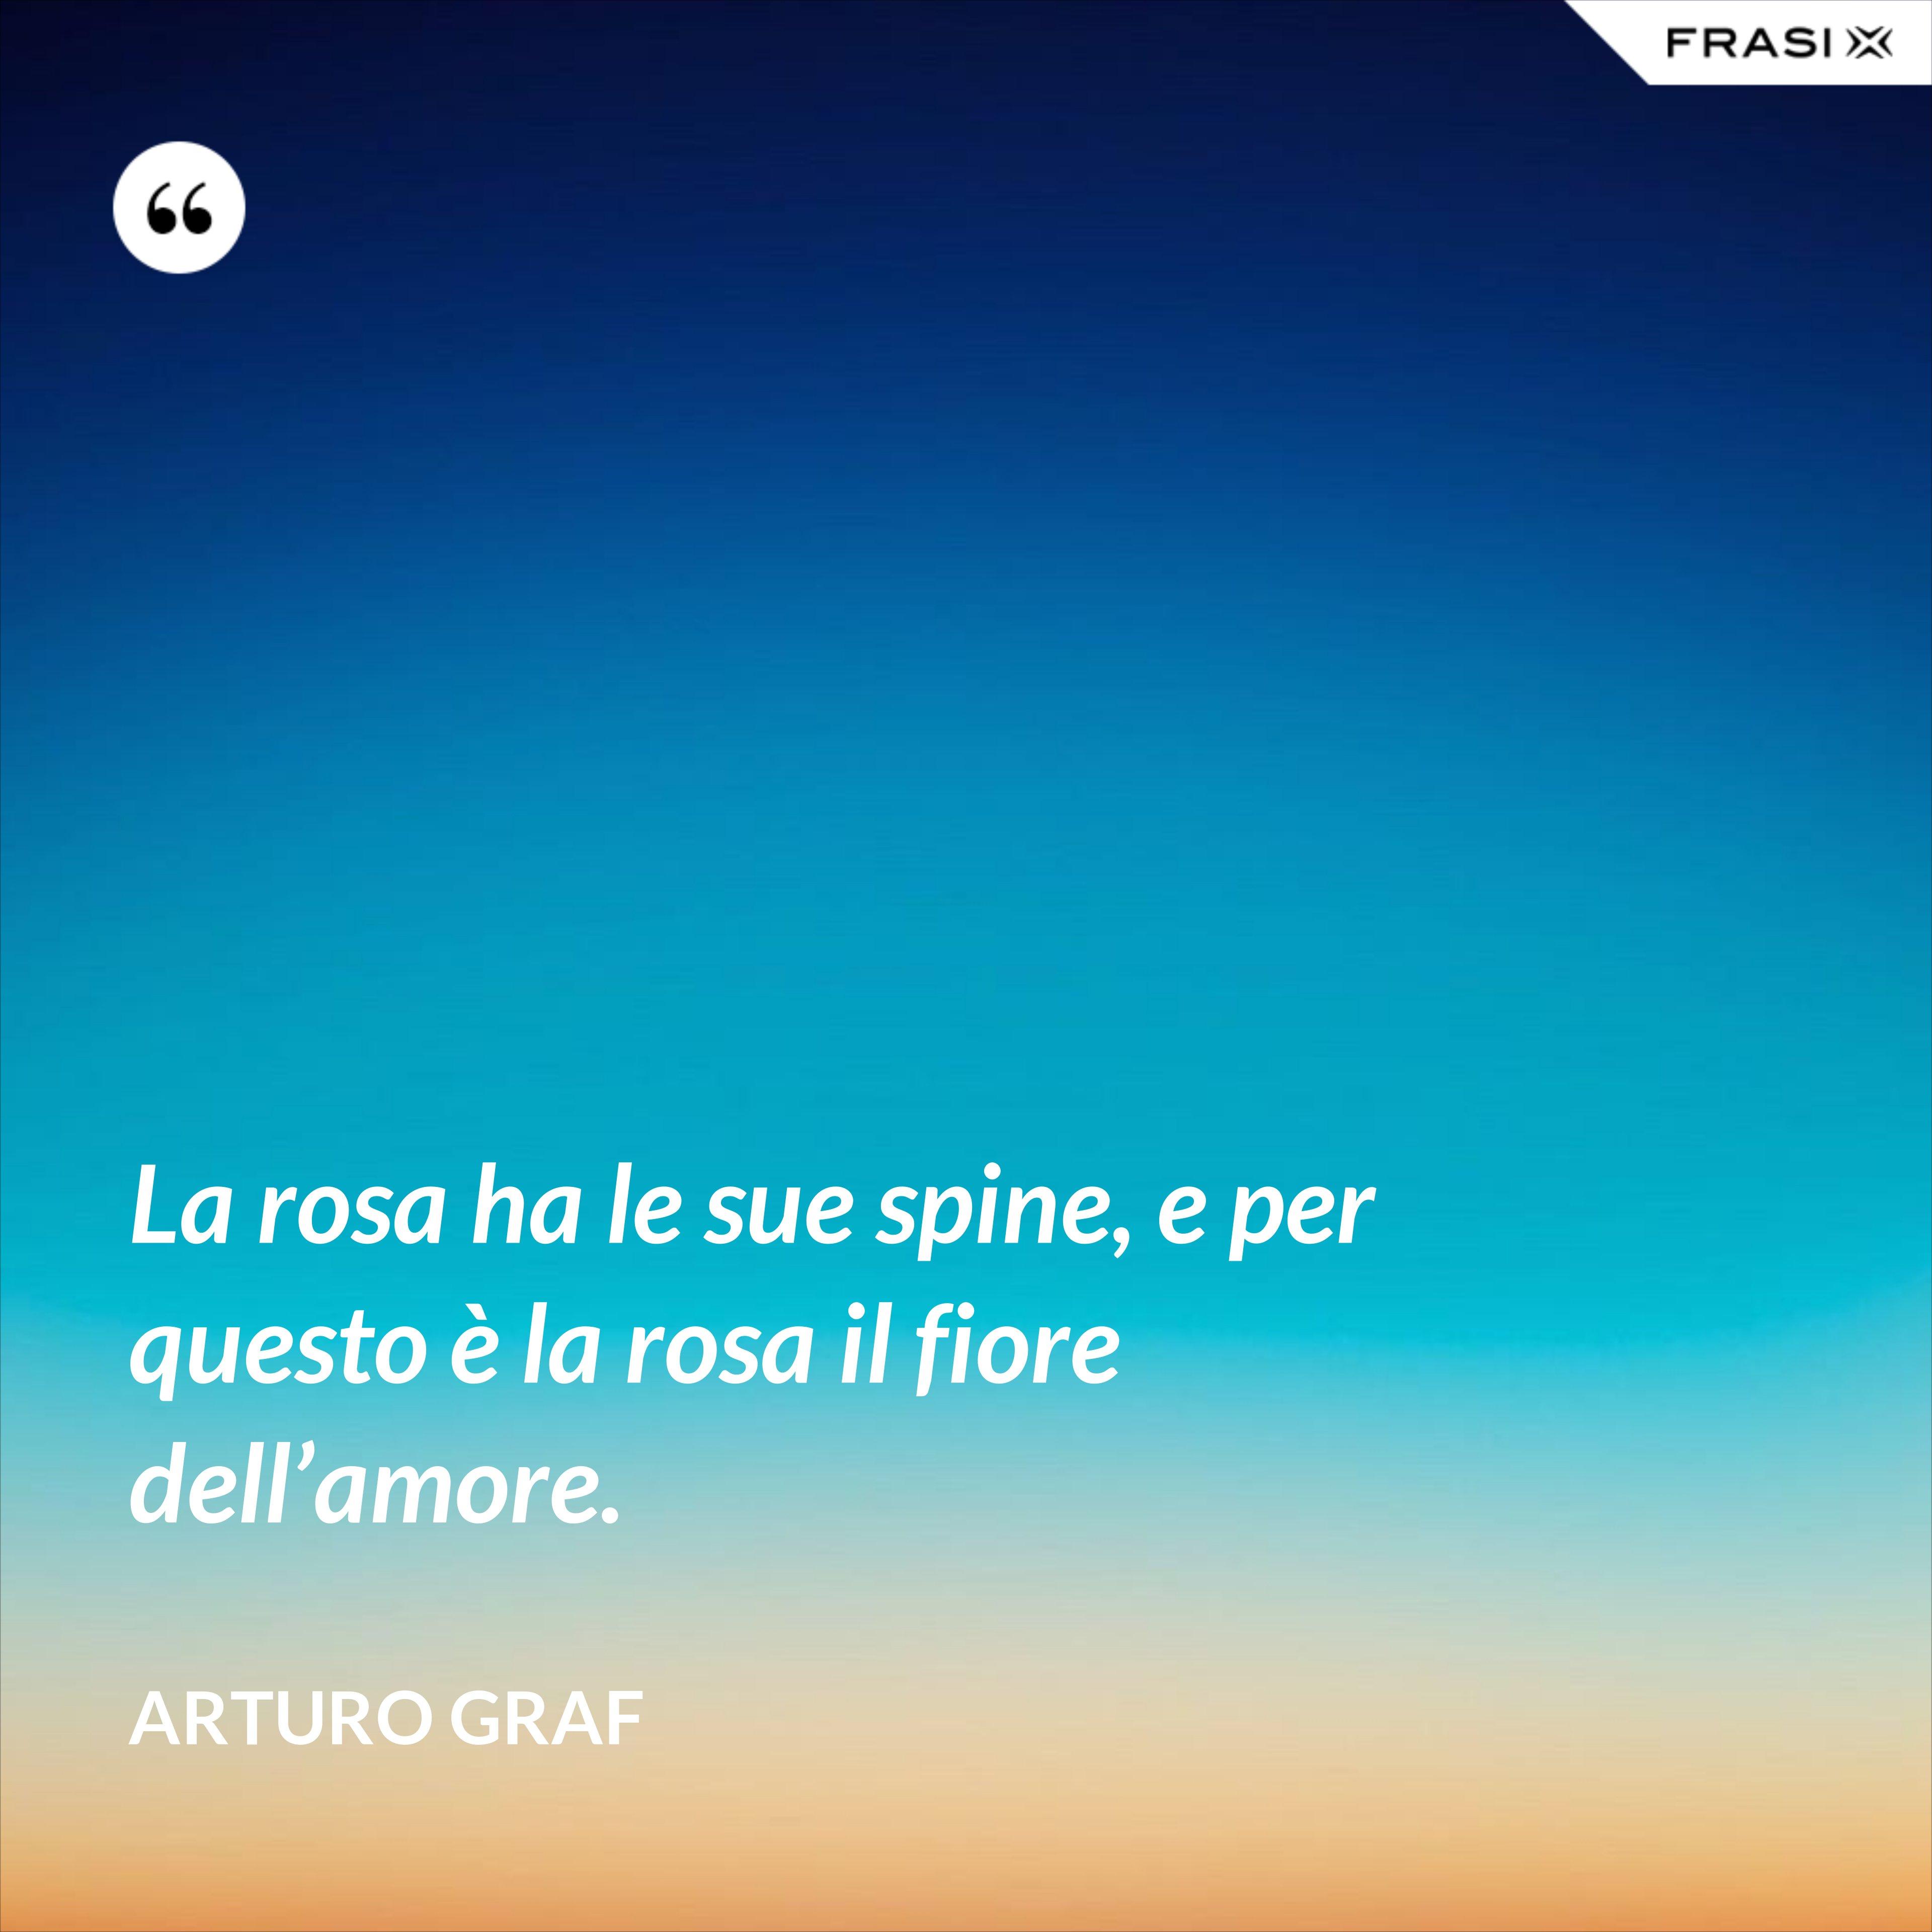 La rosa ha le sue spine, e per questo è la rosa il fiore dell'amore. - Arturo Graf